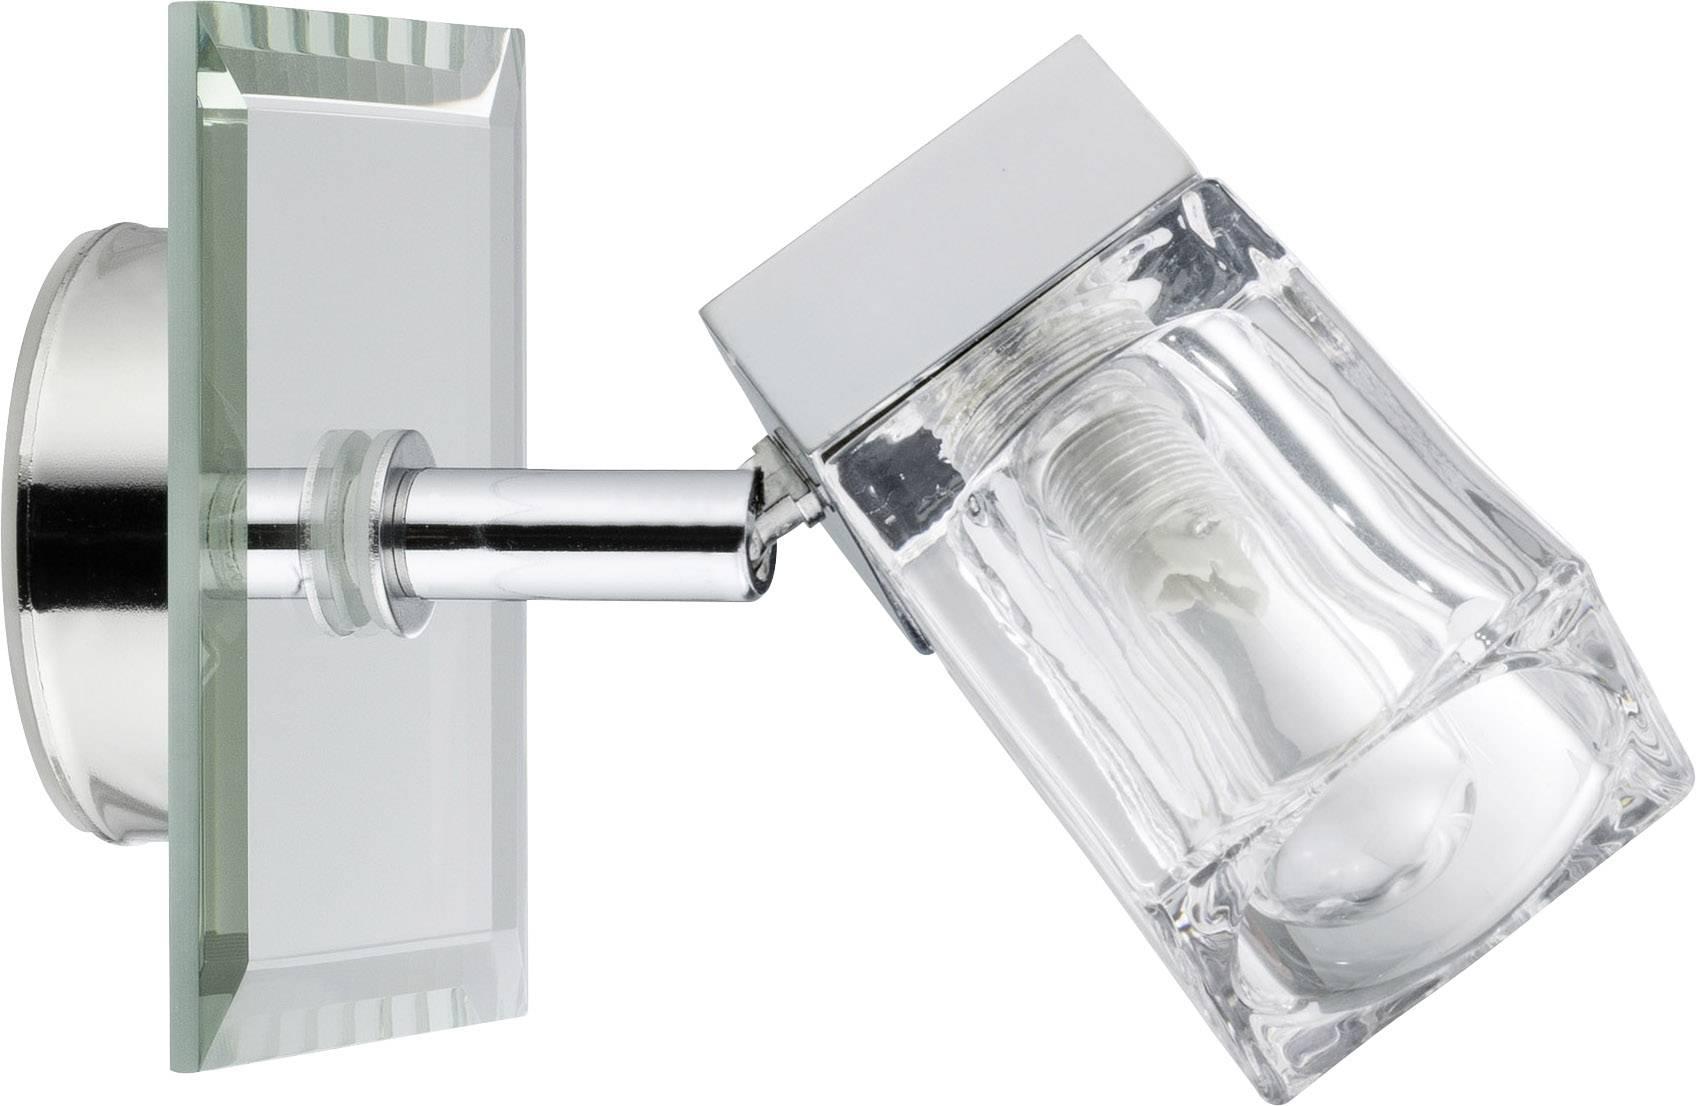 Badkamer Wandlamp Chroom : Badkamer wandlamp halogeen g9 20 w paulmann trabani 70840 chroom